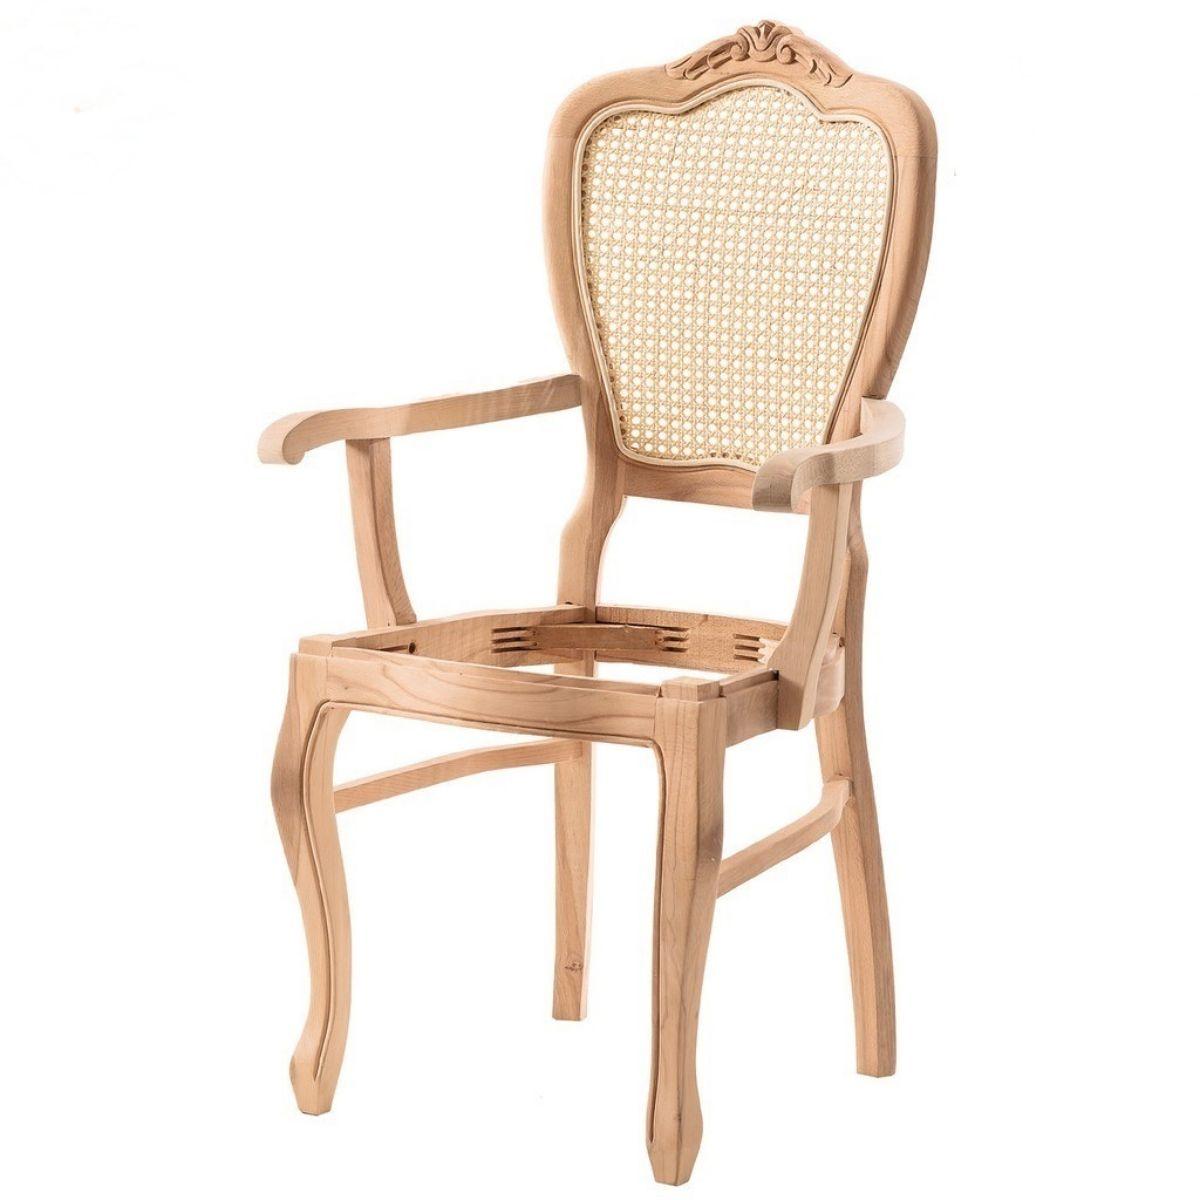 klasik-hasirli-kollu-sandalye-ardic-mobilya-aksesuar-ahsap-hasir-sandalye-42223